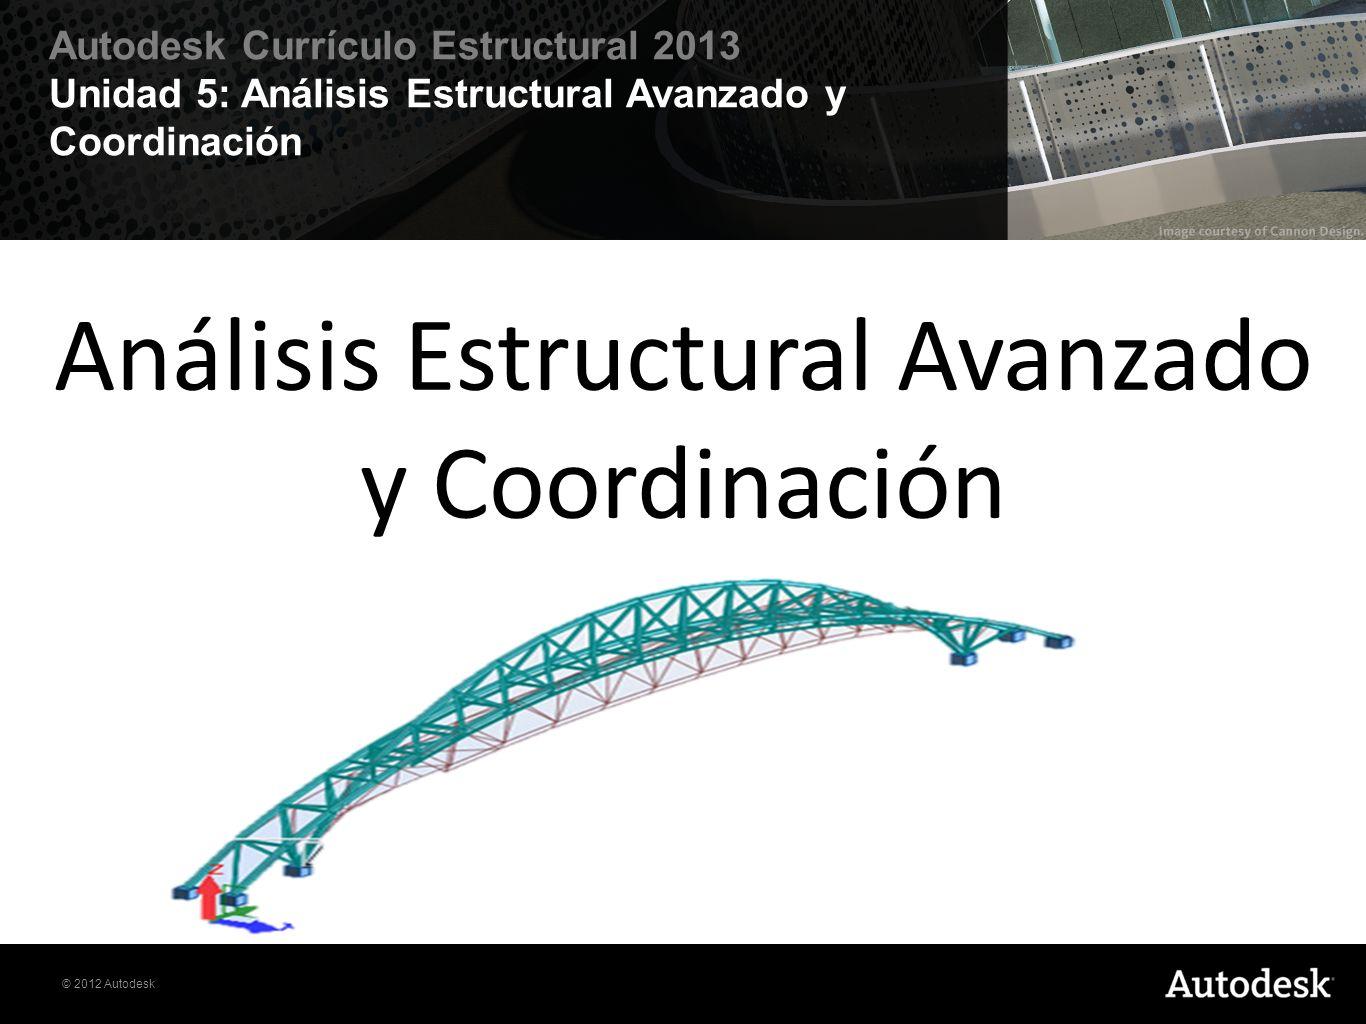 © 2012 Autodesk Autodesk Currículo Estructural 2013 Unidad 5: Análisis Estructural Avanzado y Coordinación Análisis Estructural Avanzado y Coordinació